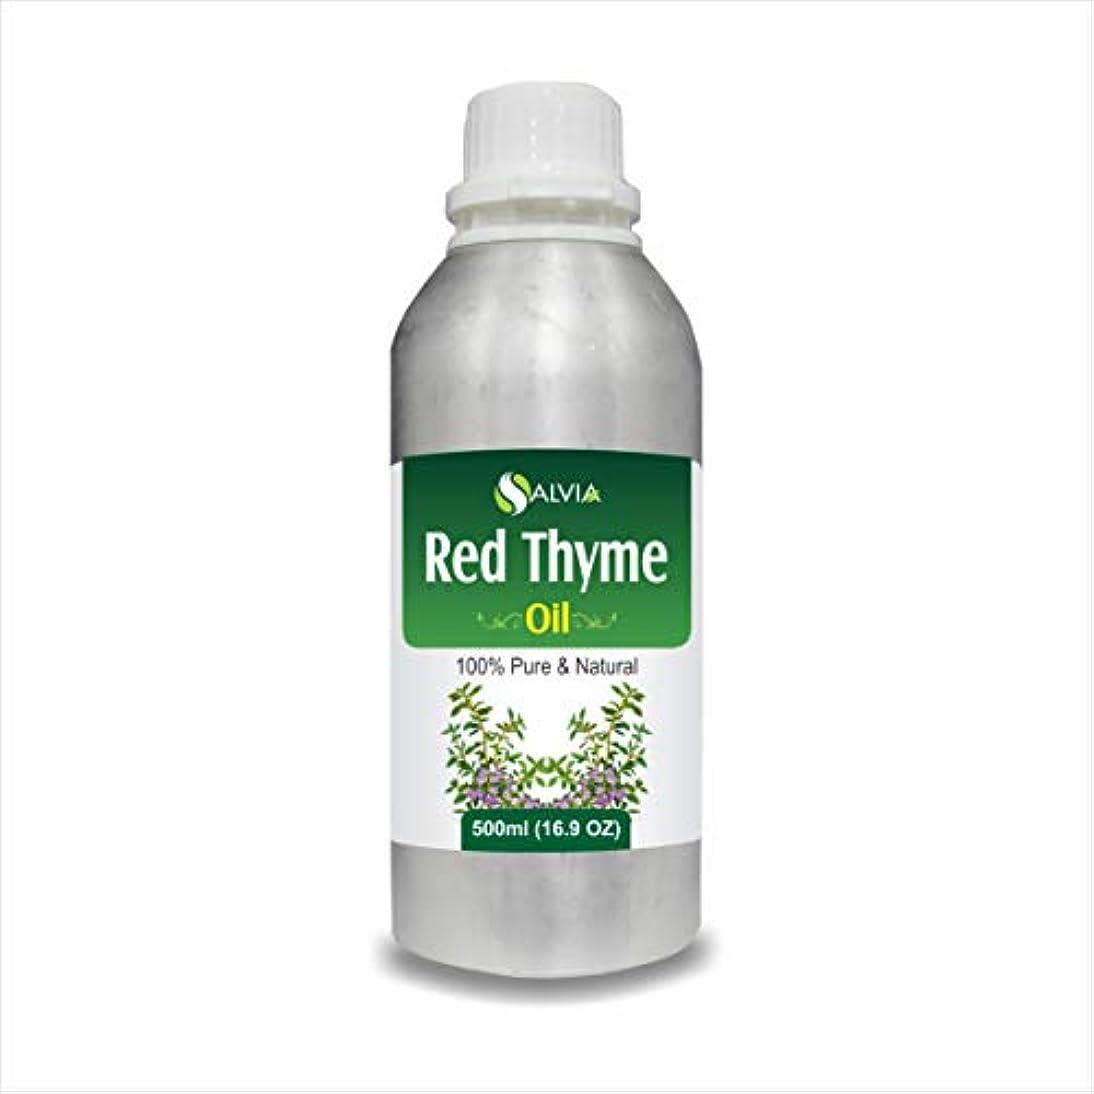 メイエラスライム激怒RED Thyme Oil (Thymus VULGARIS) 100% Natural Pure Essential Oil (500ml)